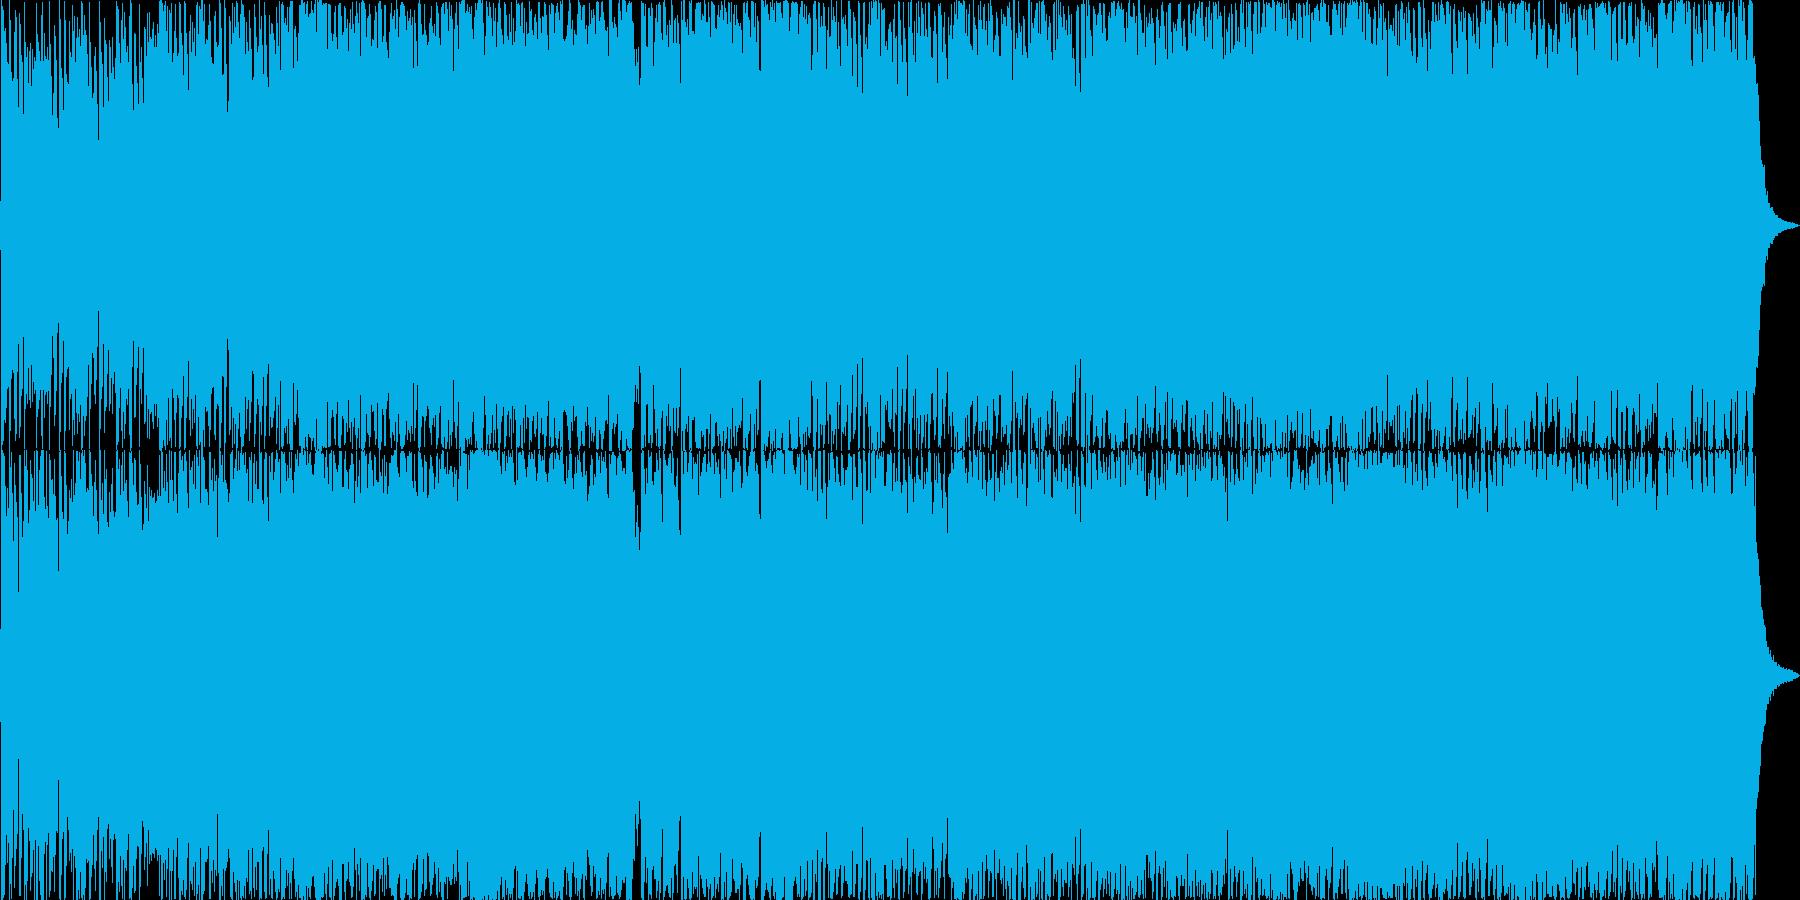 ダークファンタジーオーケストラ戦闘曲23の再生済みの波形